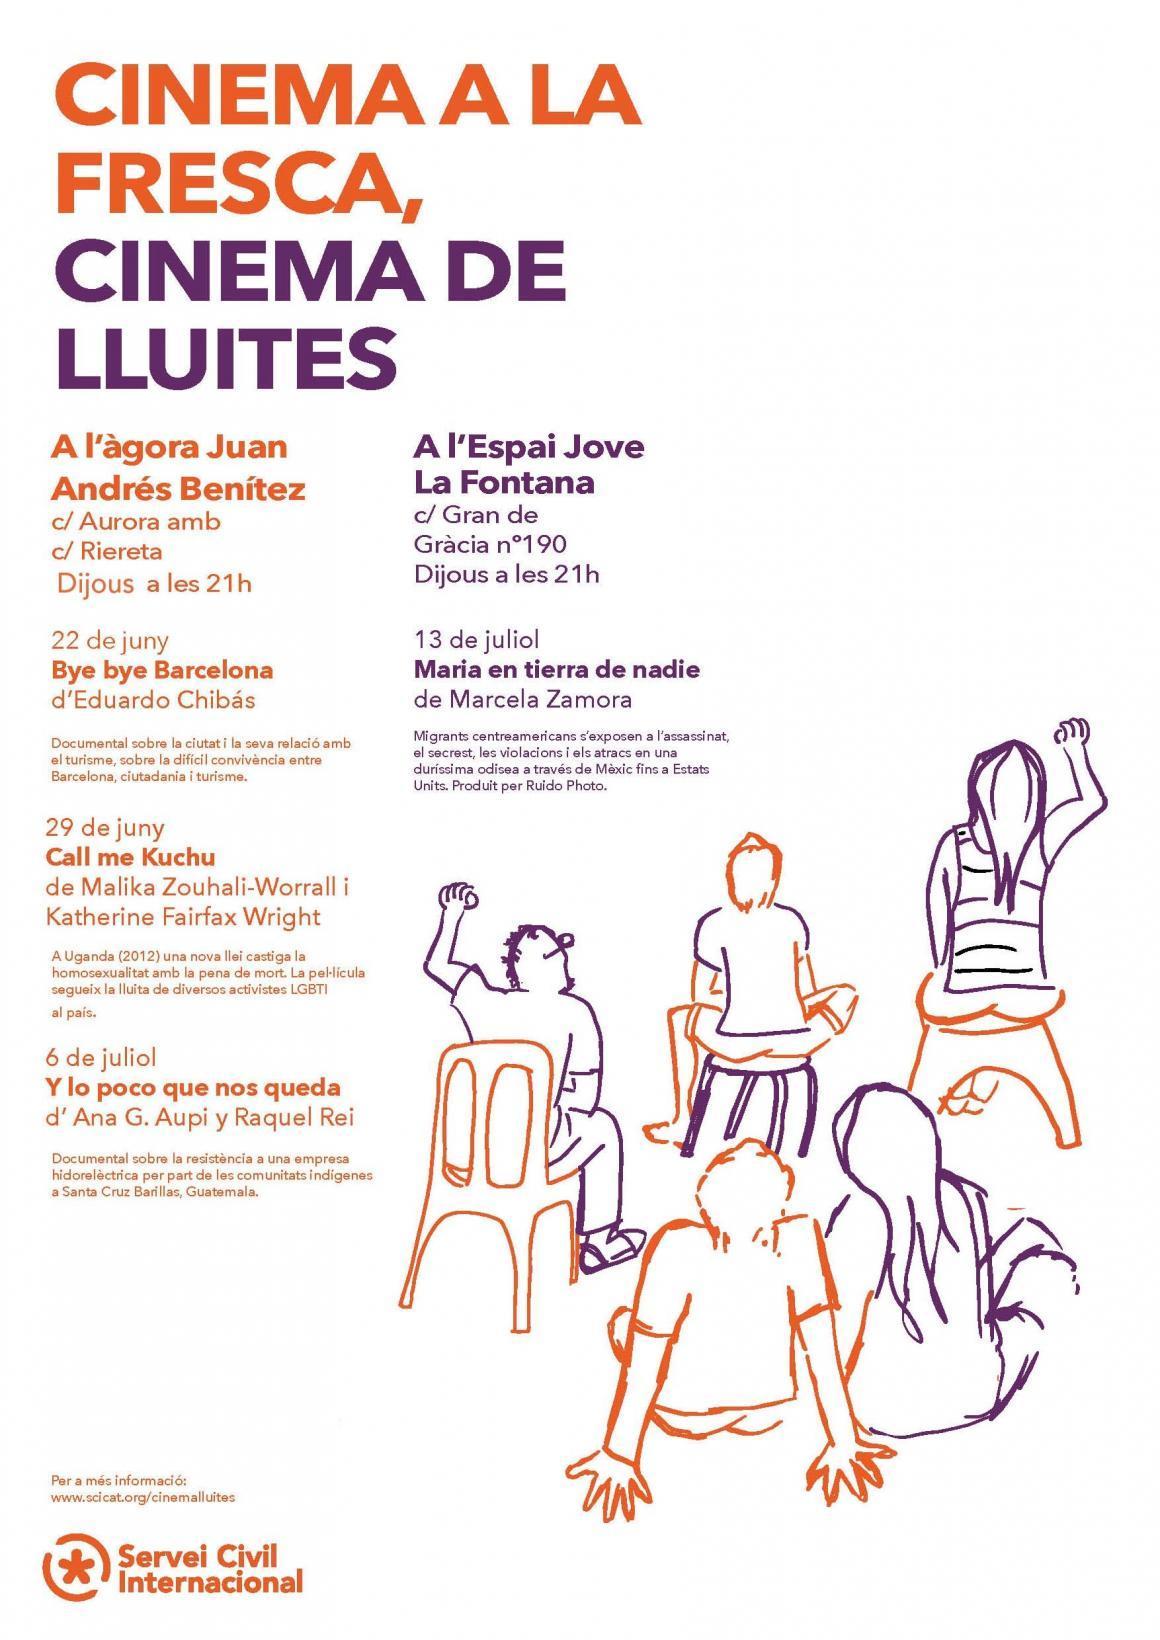 Cinema a la fresca, cinema de lluites!